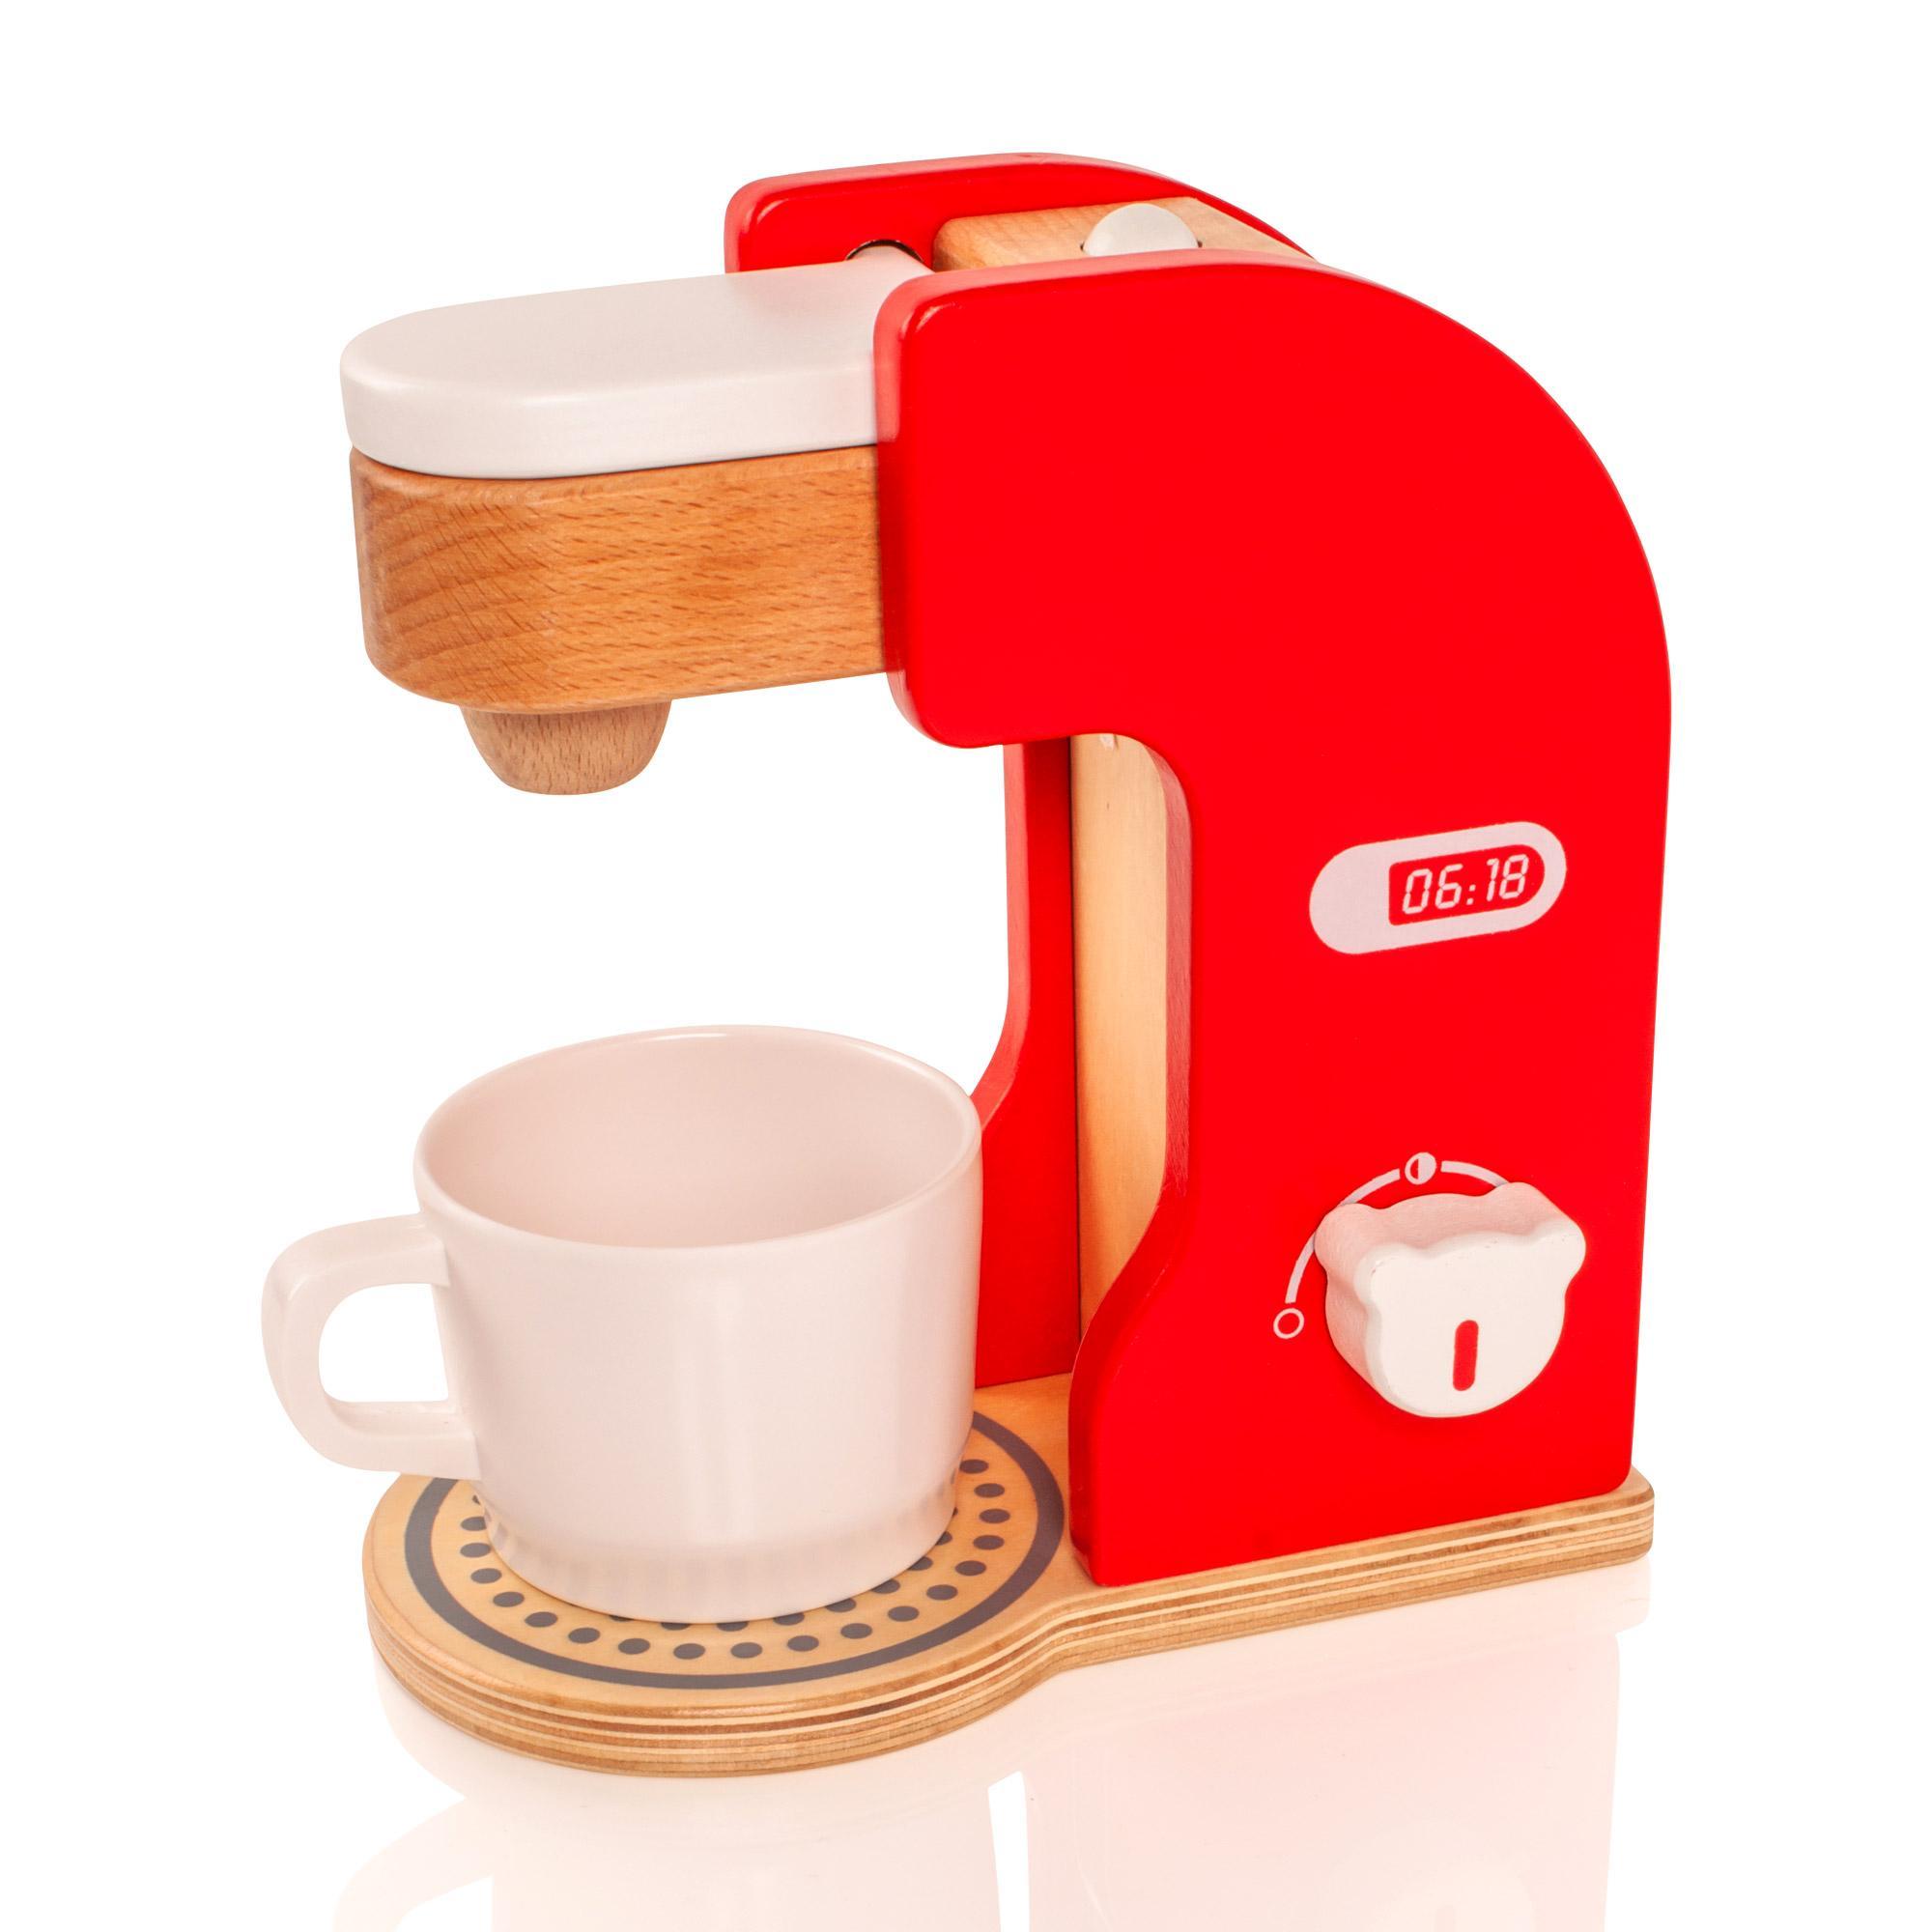 Wooden Childrens Kids Kitchen Coffee Maker Machine